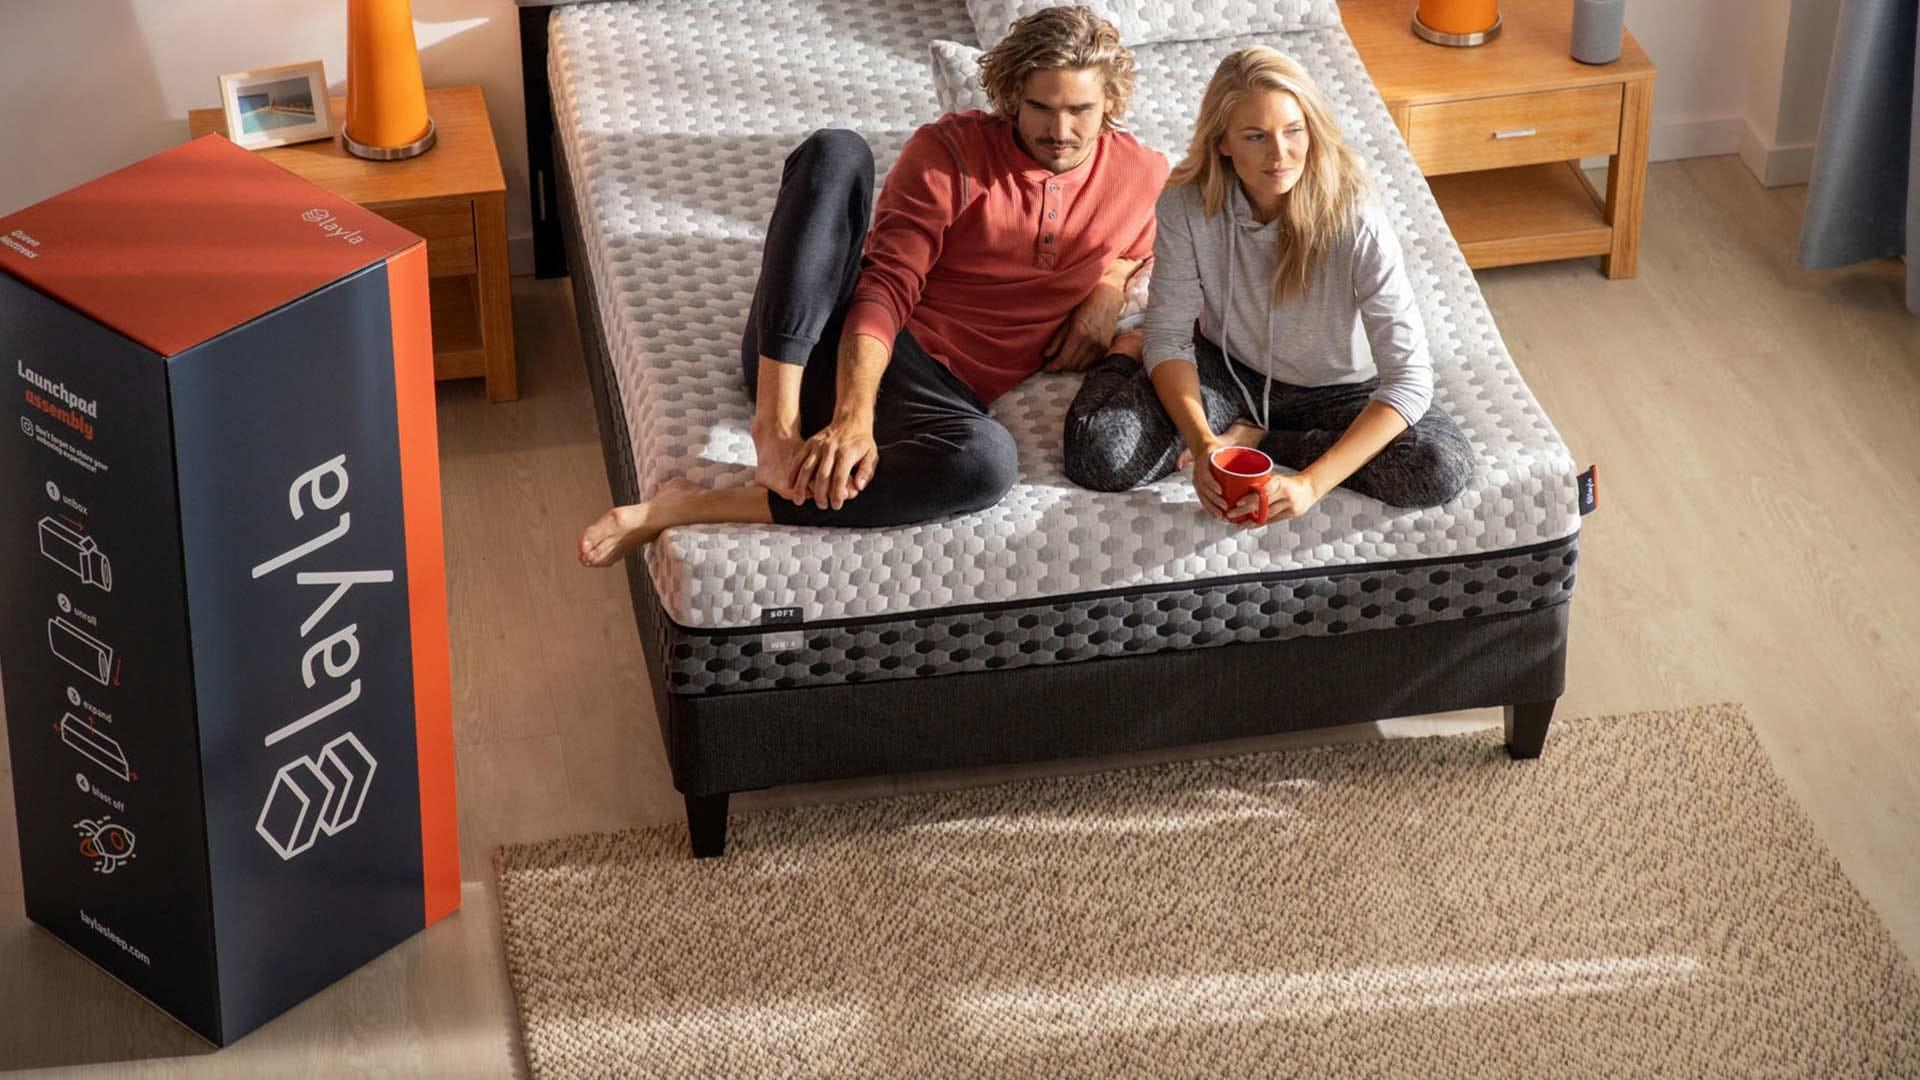 A couple sitting on a newly unpacked Layla mattress.